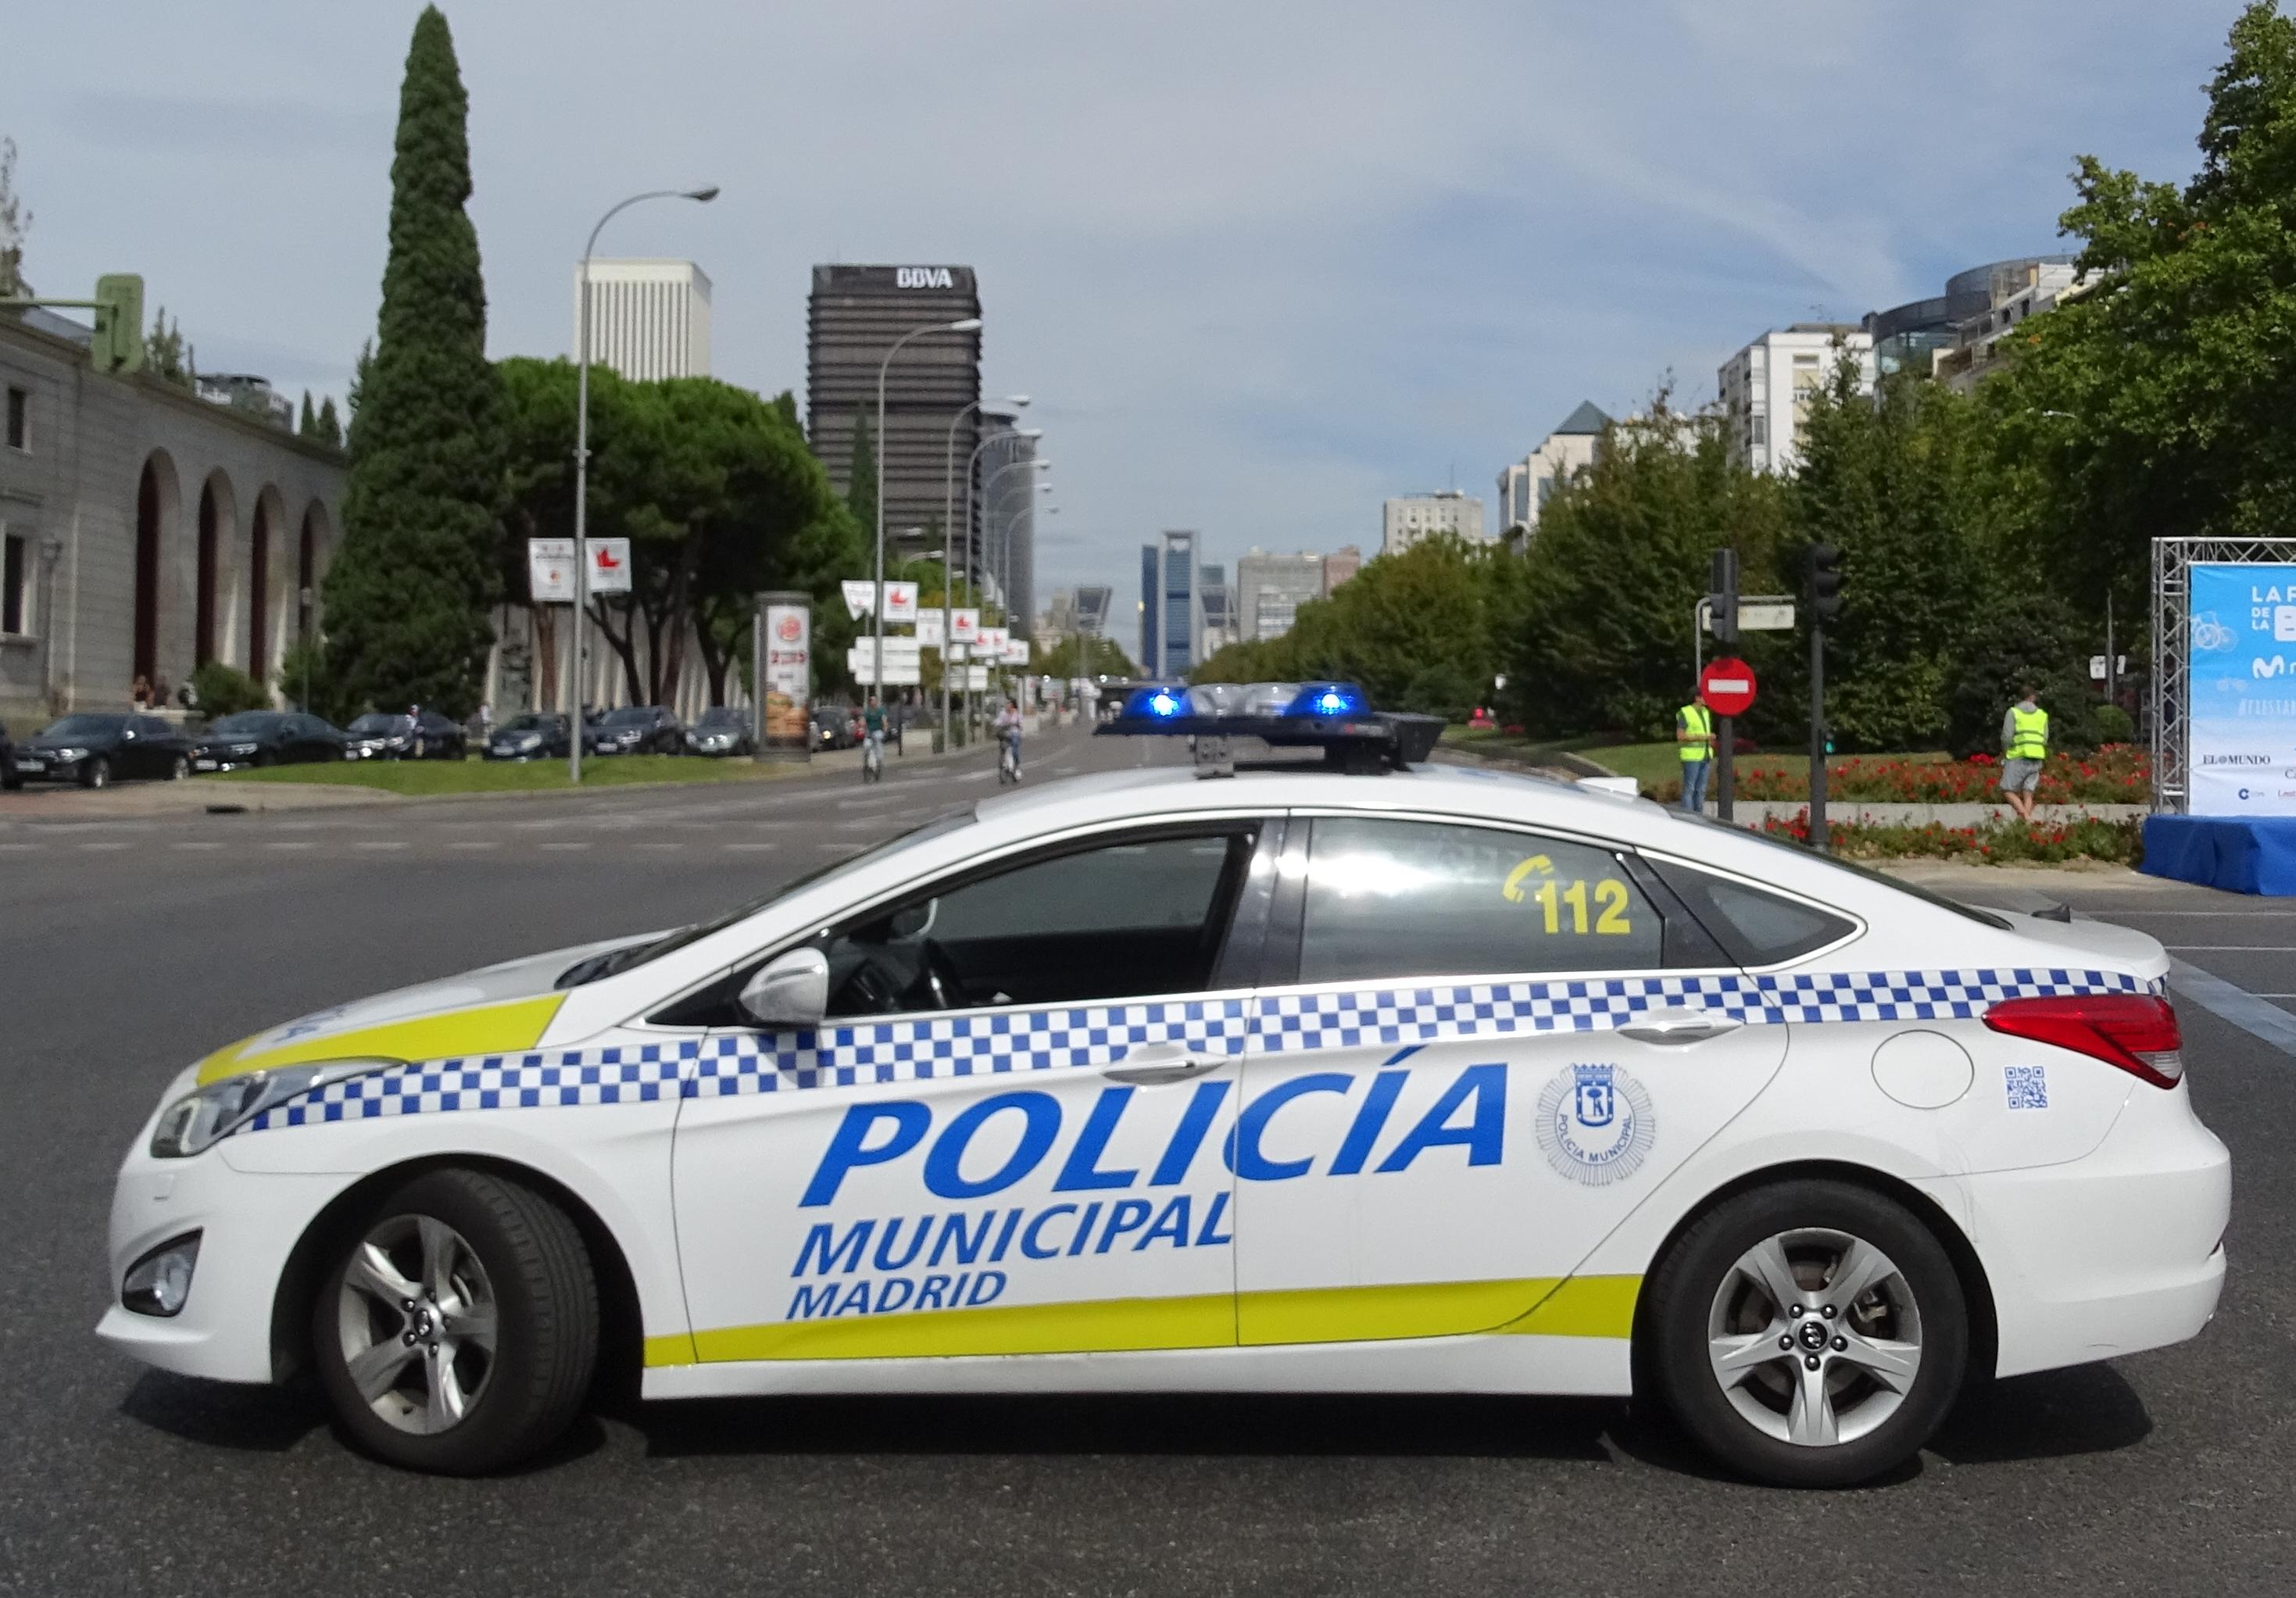 Police Car Wikipedia - Police car